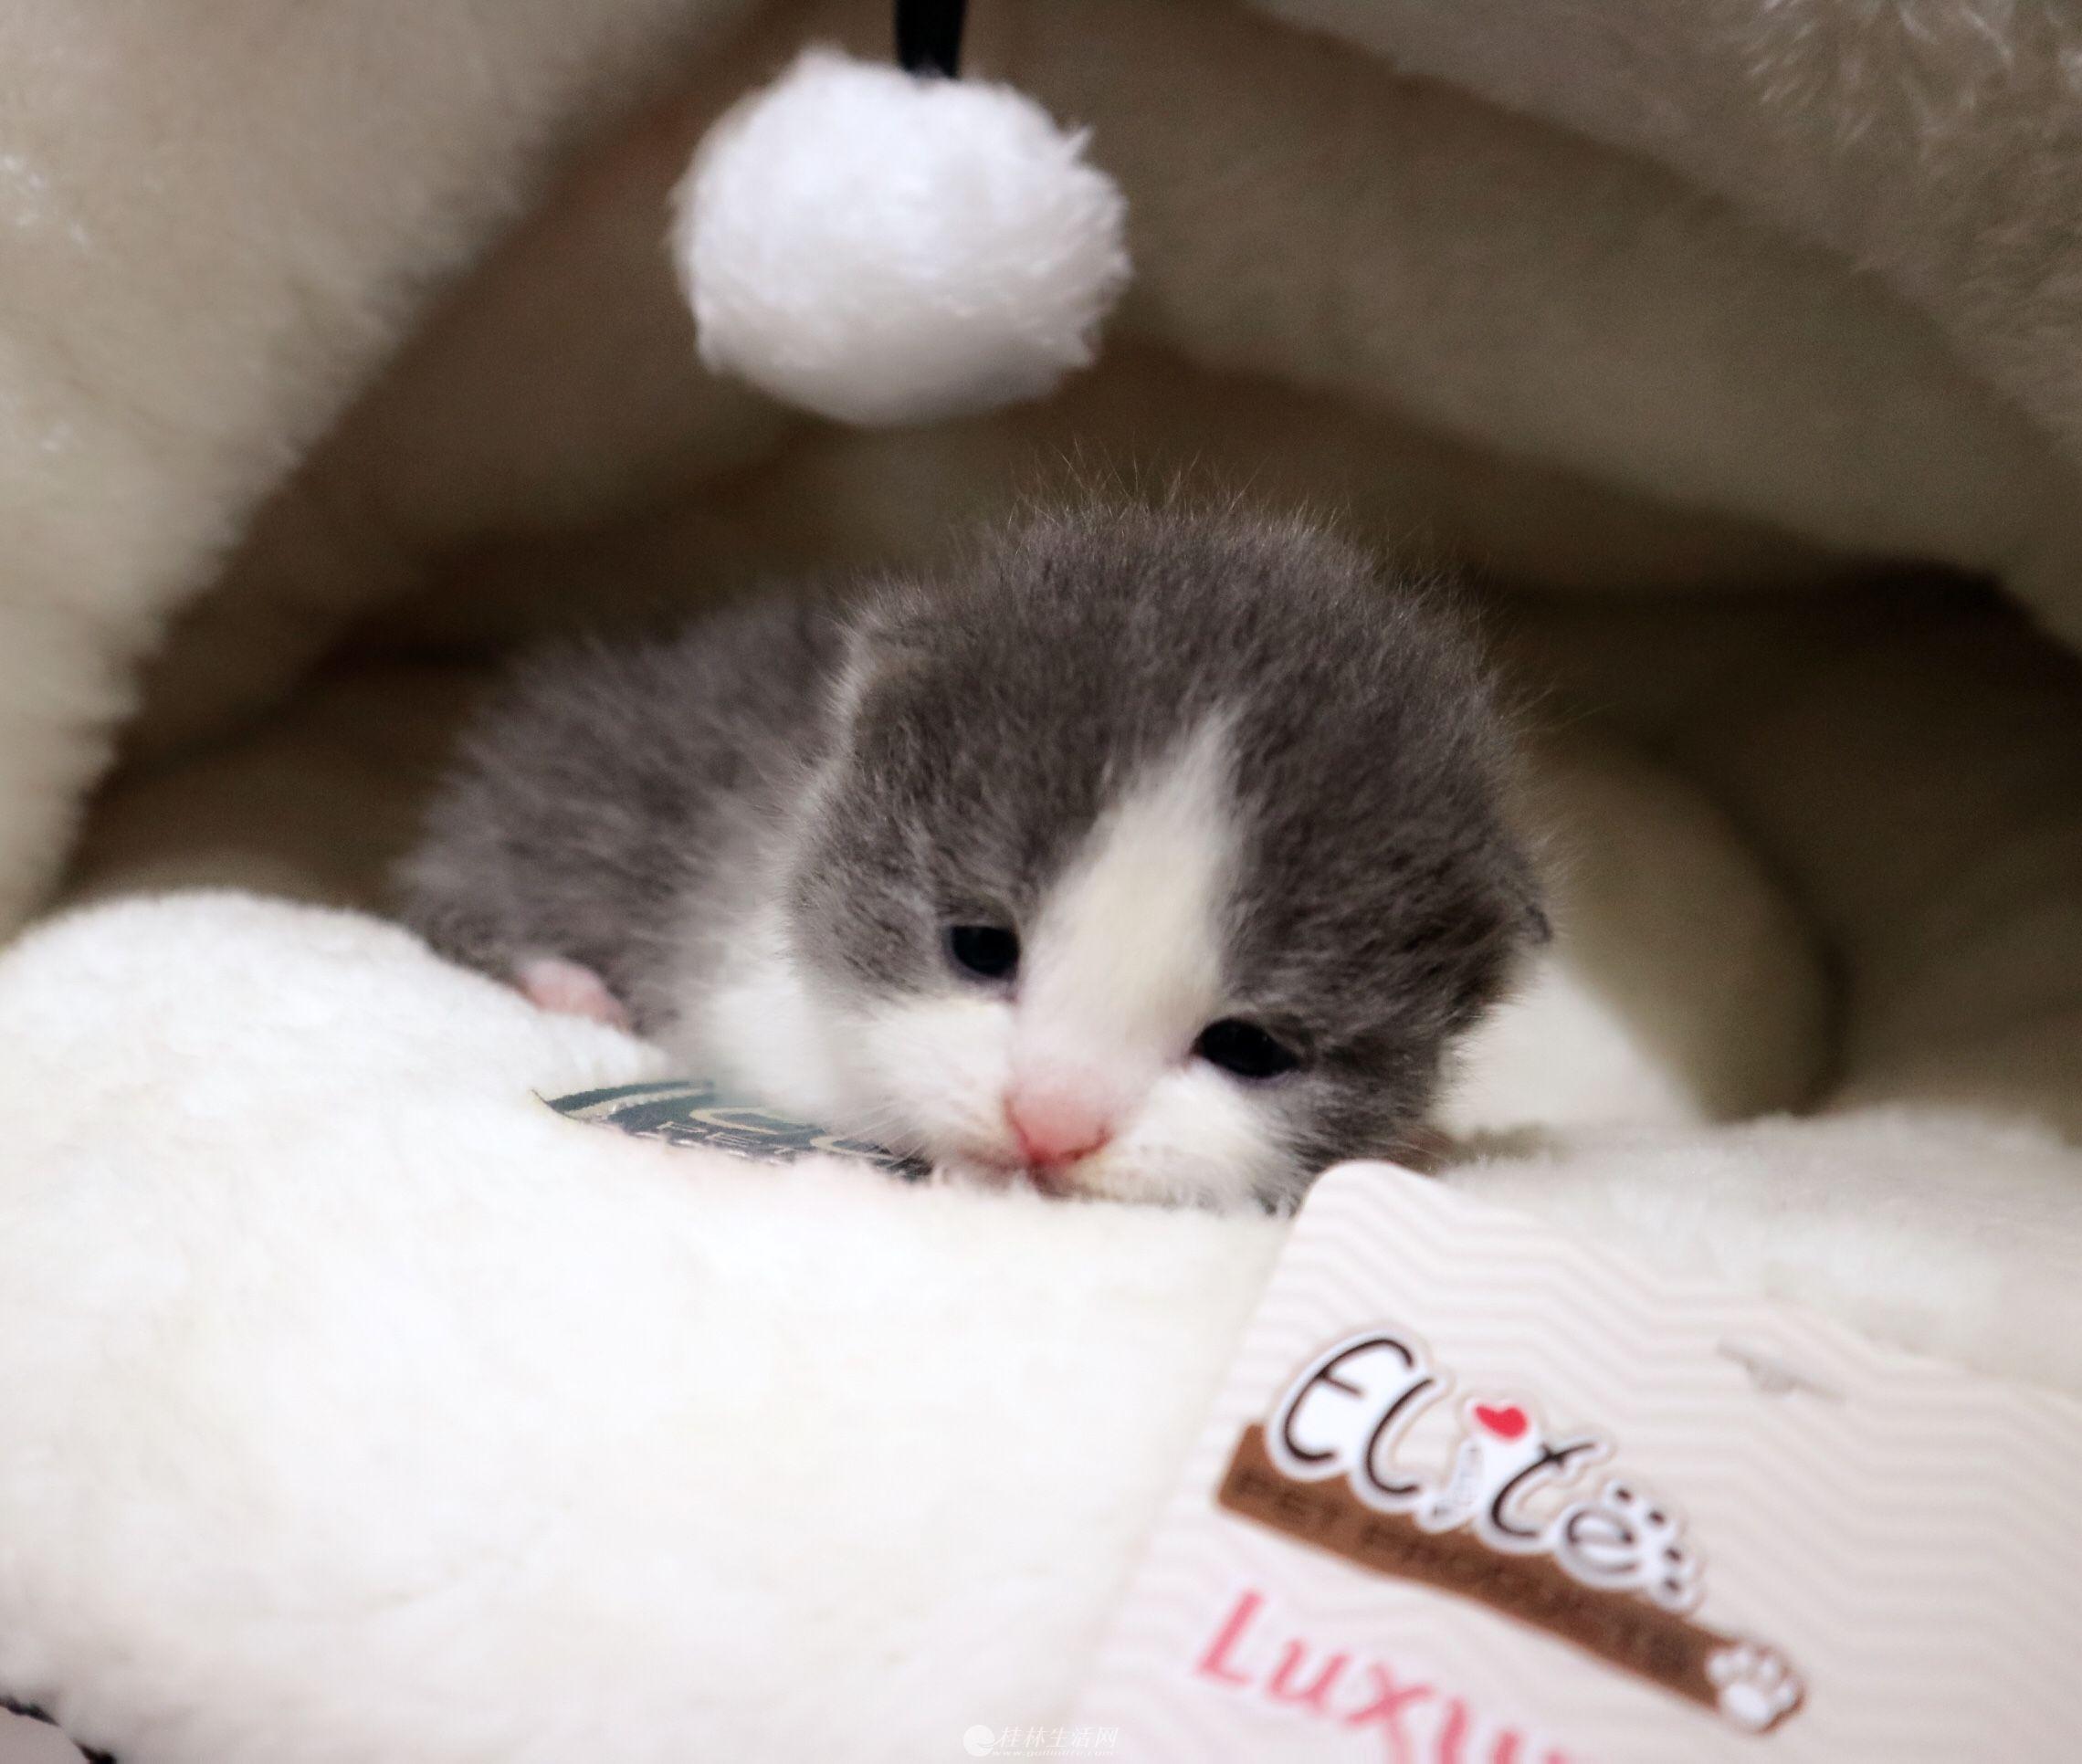 宠物猫幼猫英短毛猫蓝猫蓝白猫精品正八家养出售英国短毛猫 6月21号可以去新家